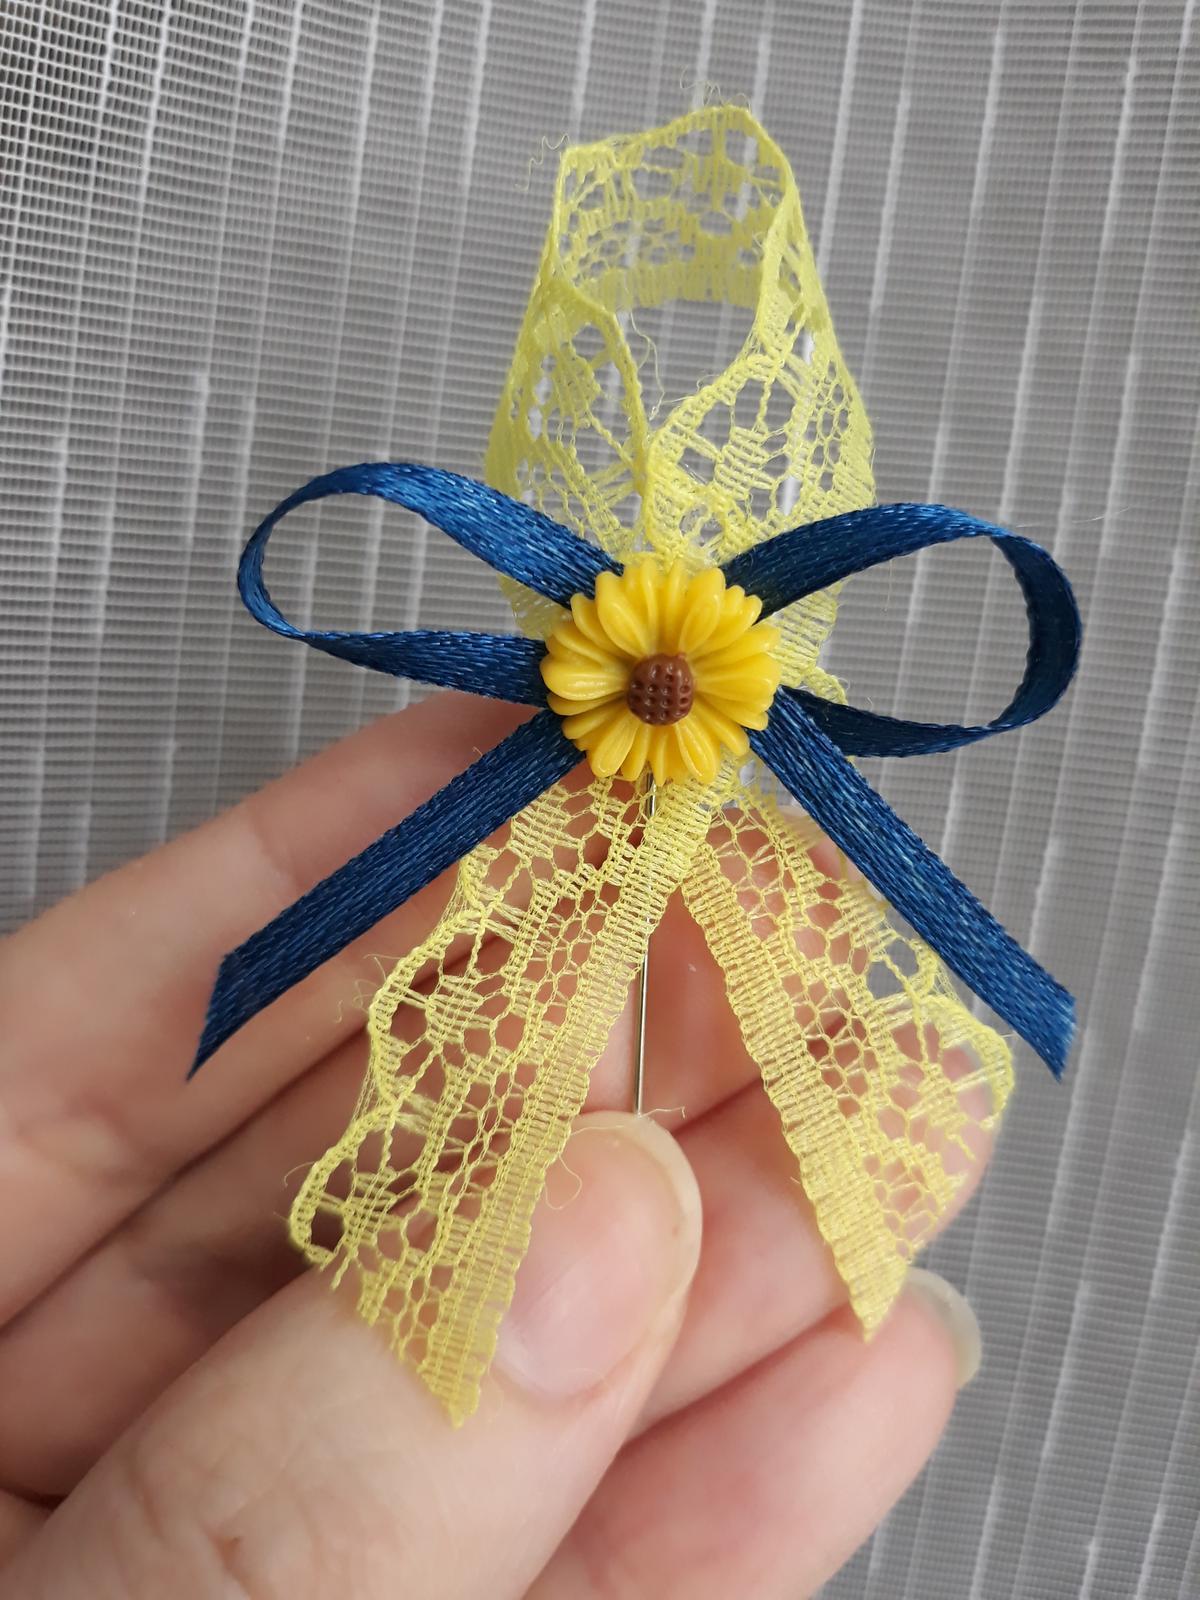 Vyvazek se slunečnici  - Obrázek č. 1